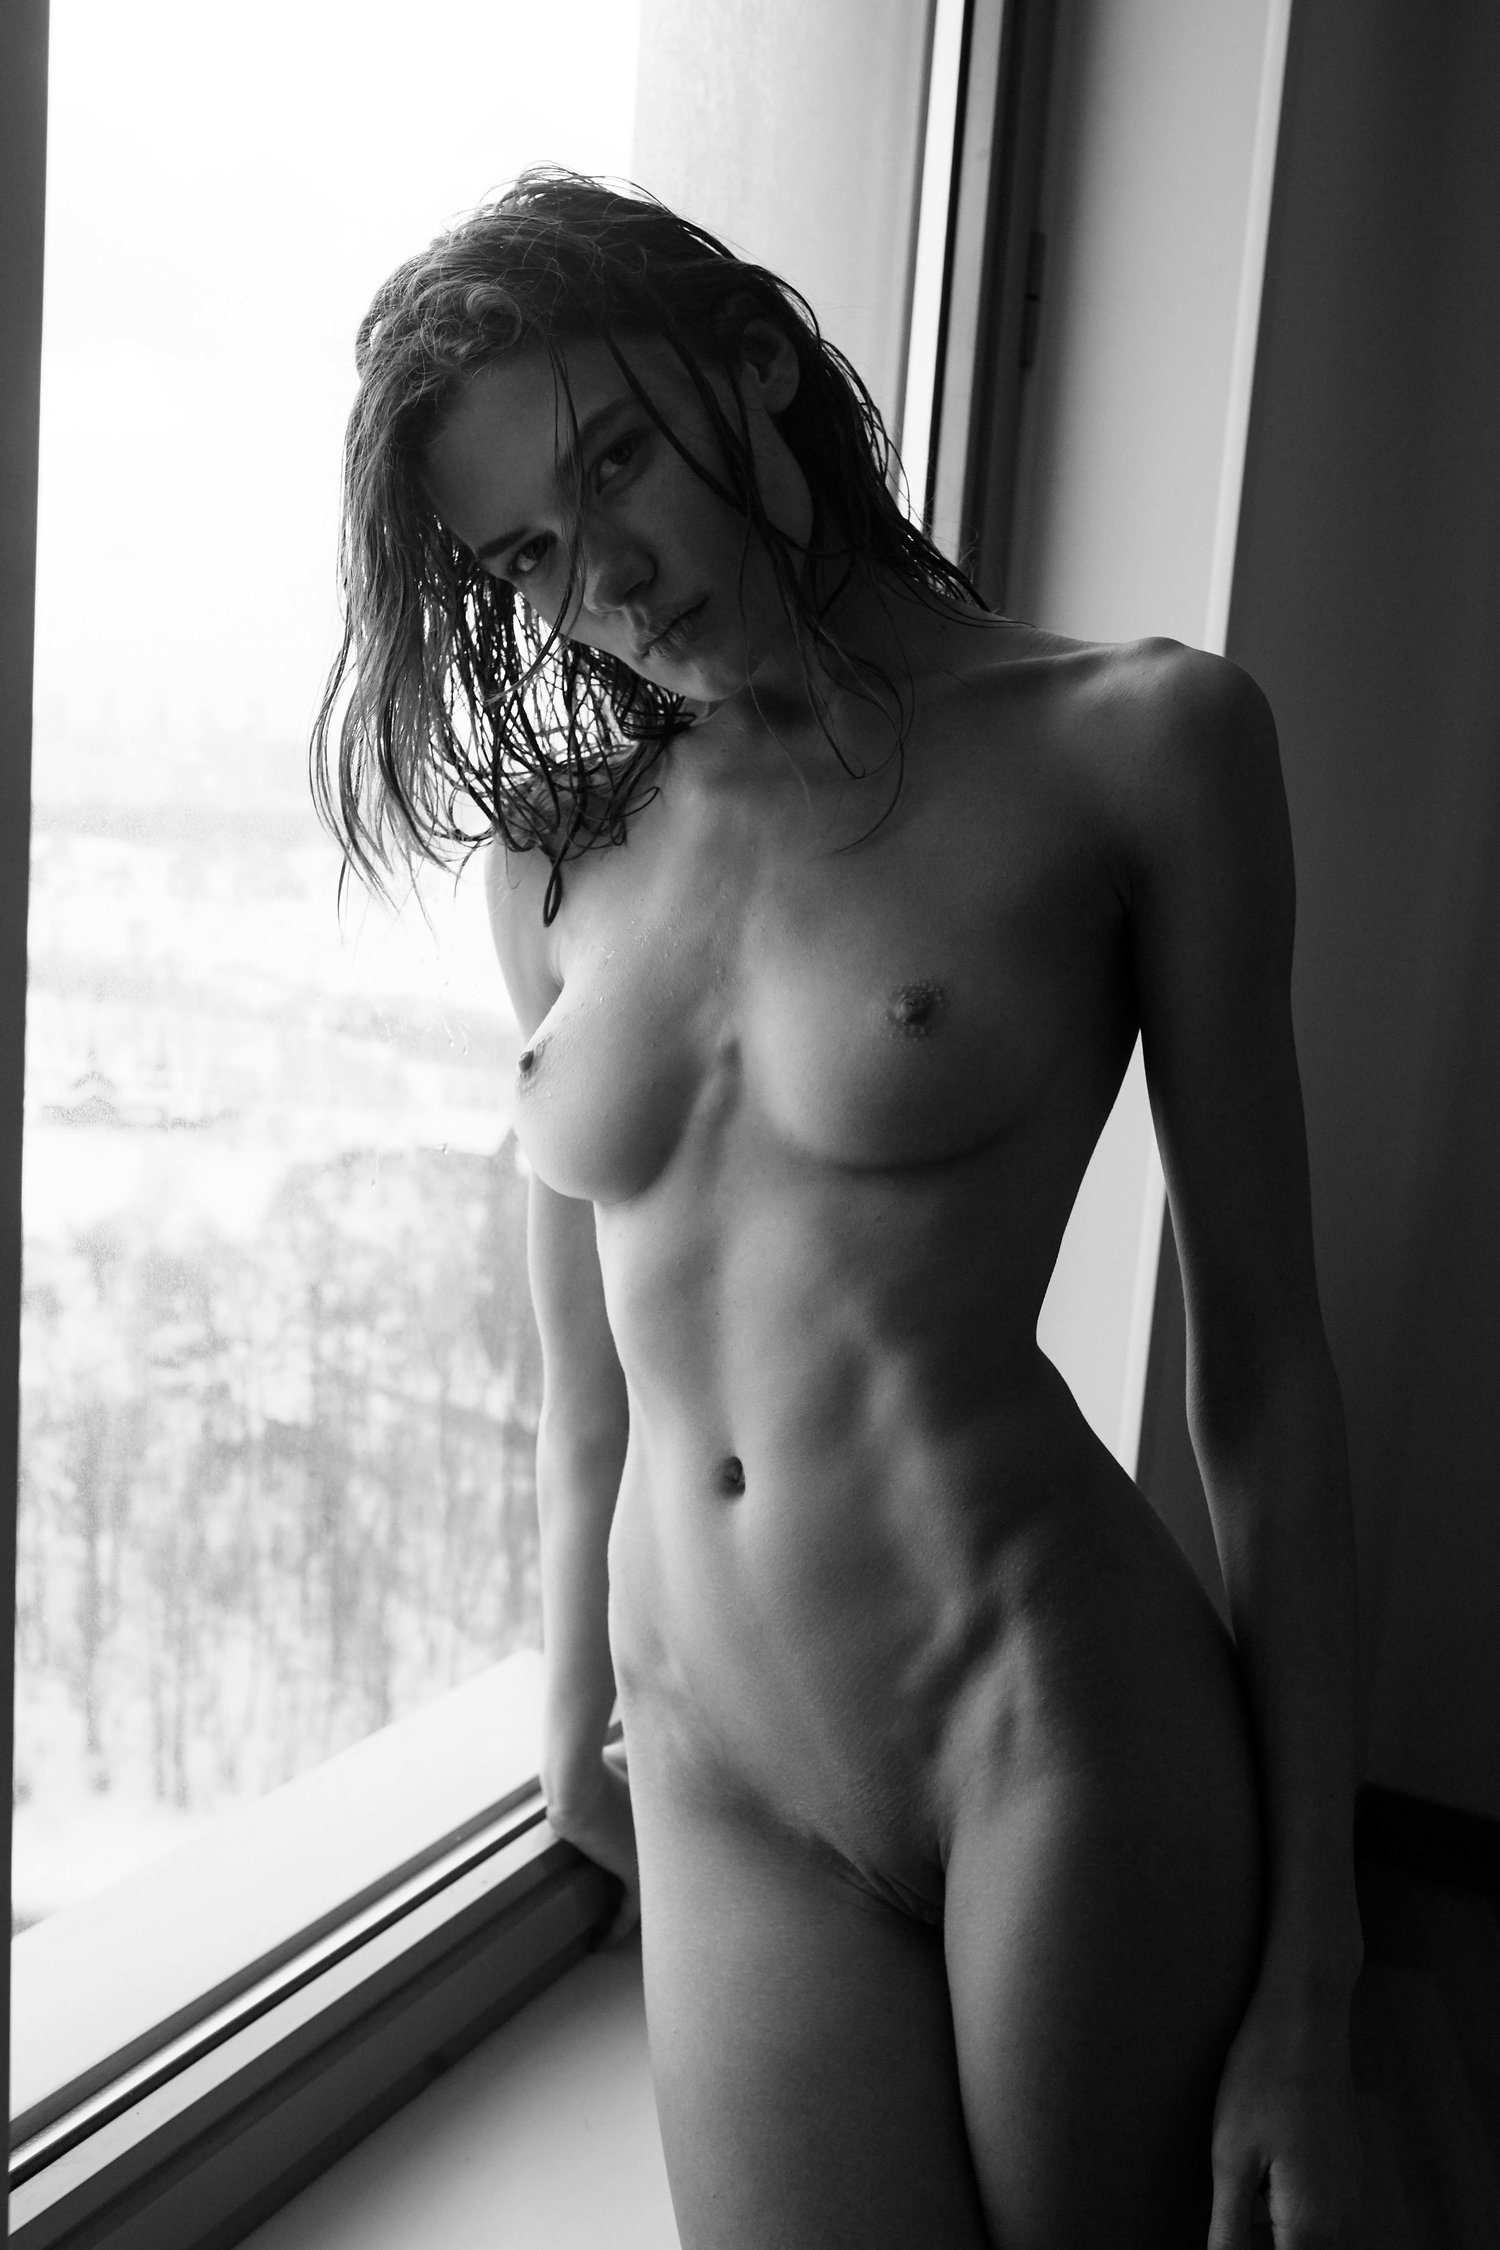 Polina Grosheva - Viktor Korneev photoshoot